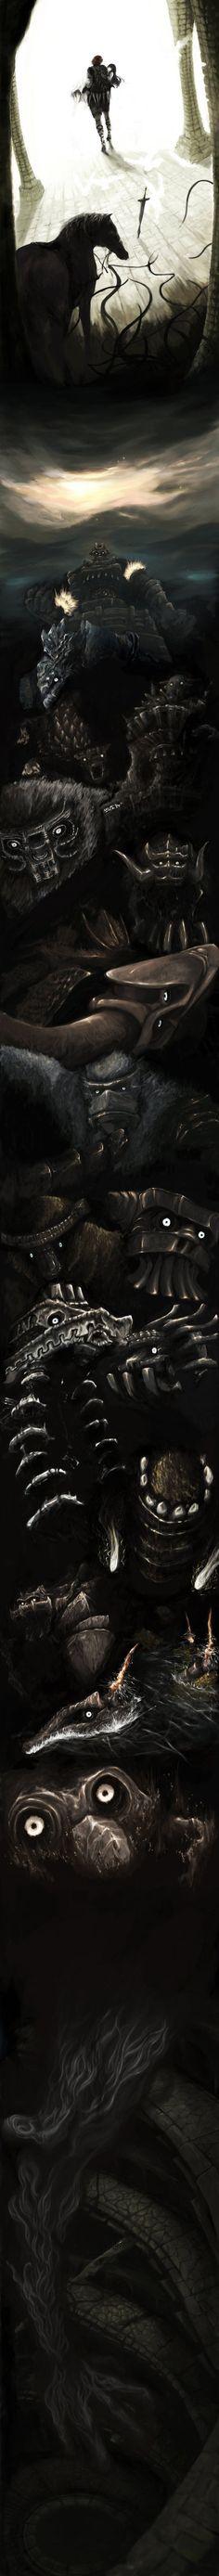 A história do jogo resumida em uma incrível imagem